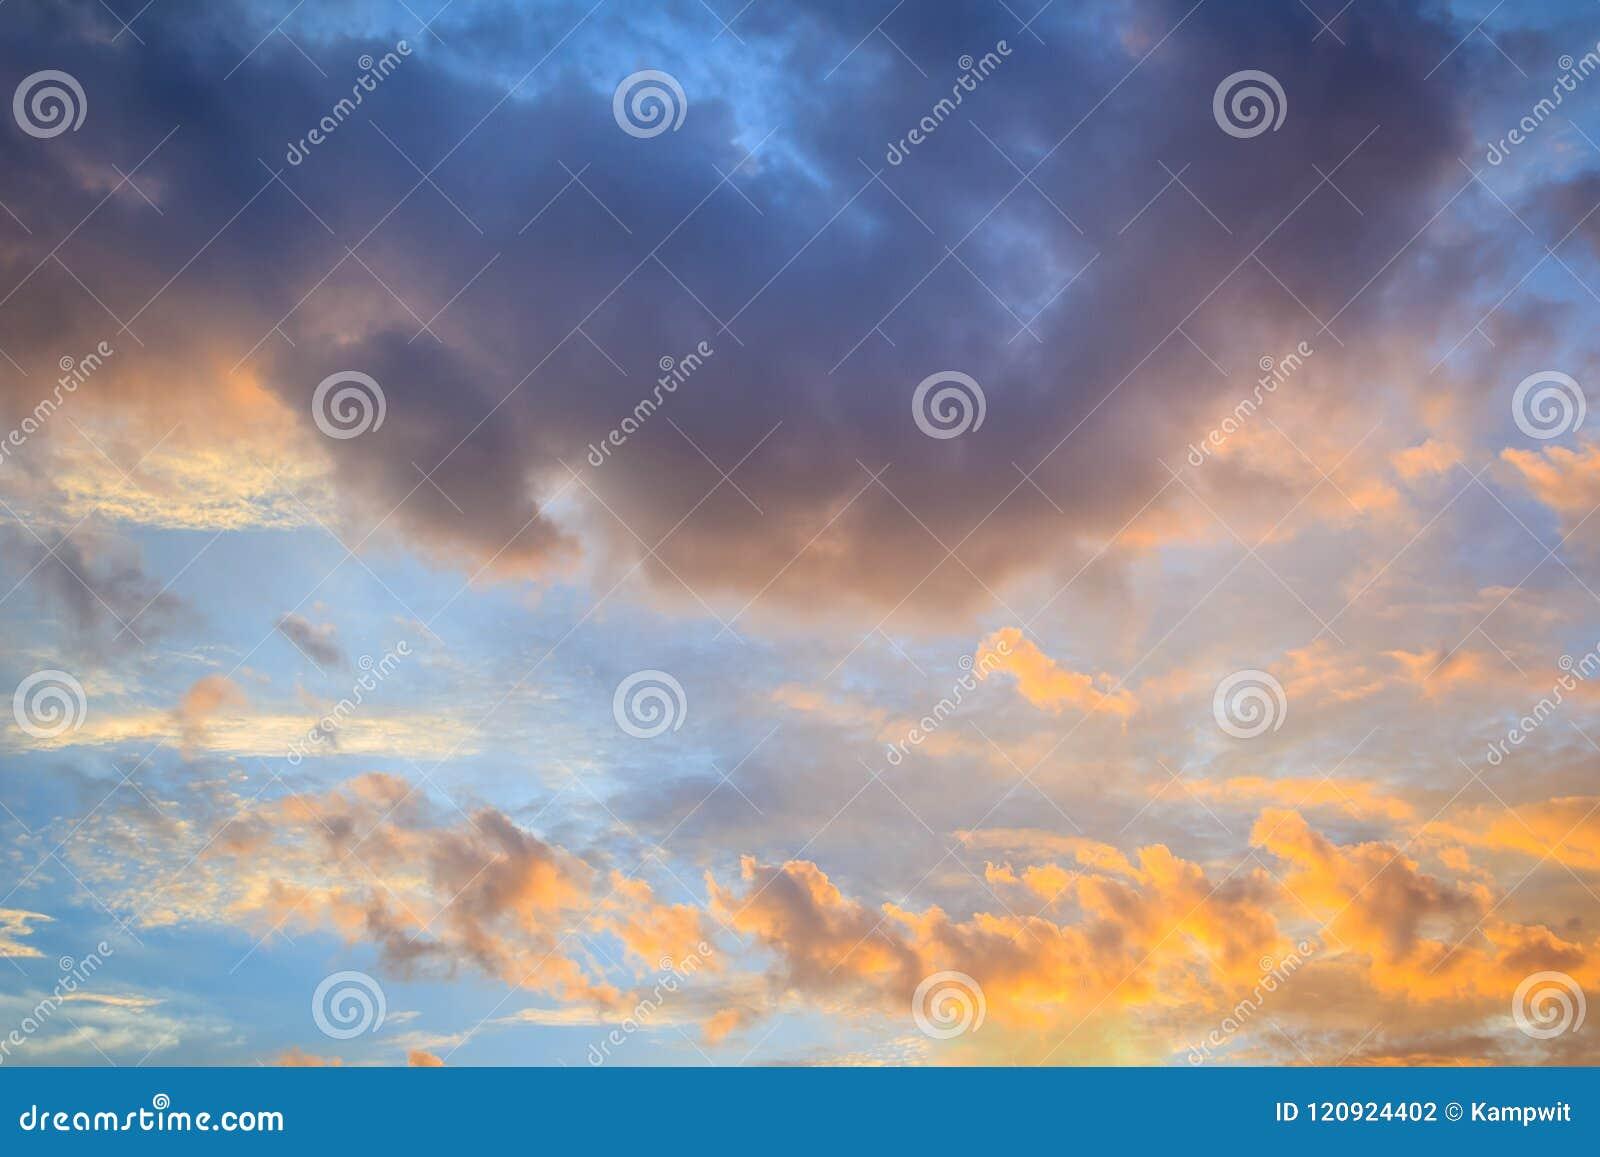 Κόκκινο υπόβαθρο σύννεφων και μπλε ουρανού Ο δραματικός ουρανός ηλιοβασιλέματος άρχισε να αλλάζει από το μπλε στο πορτοκάλι